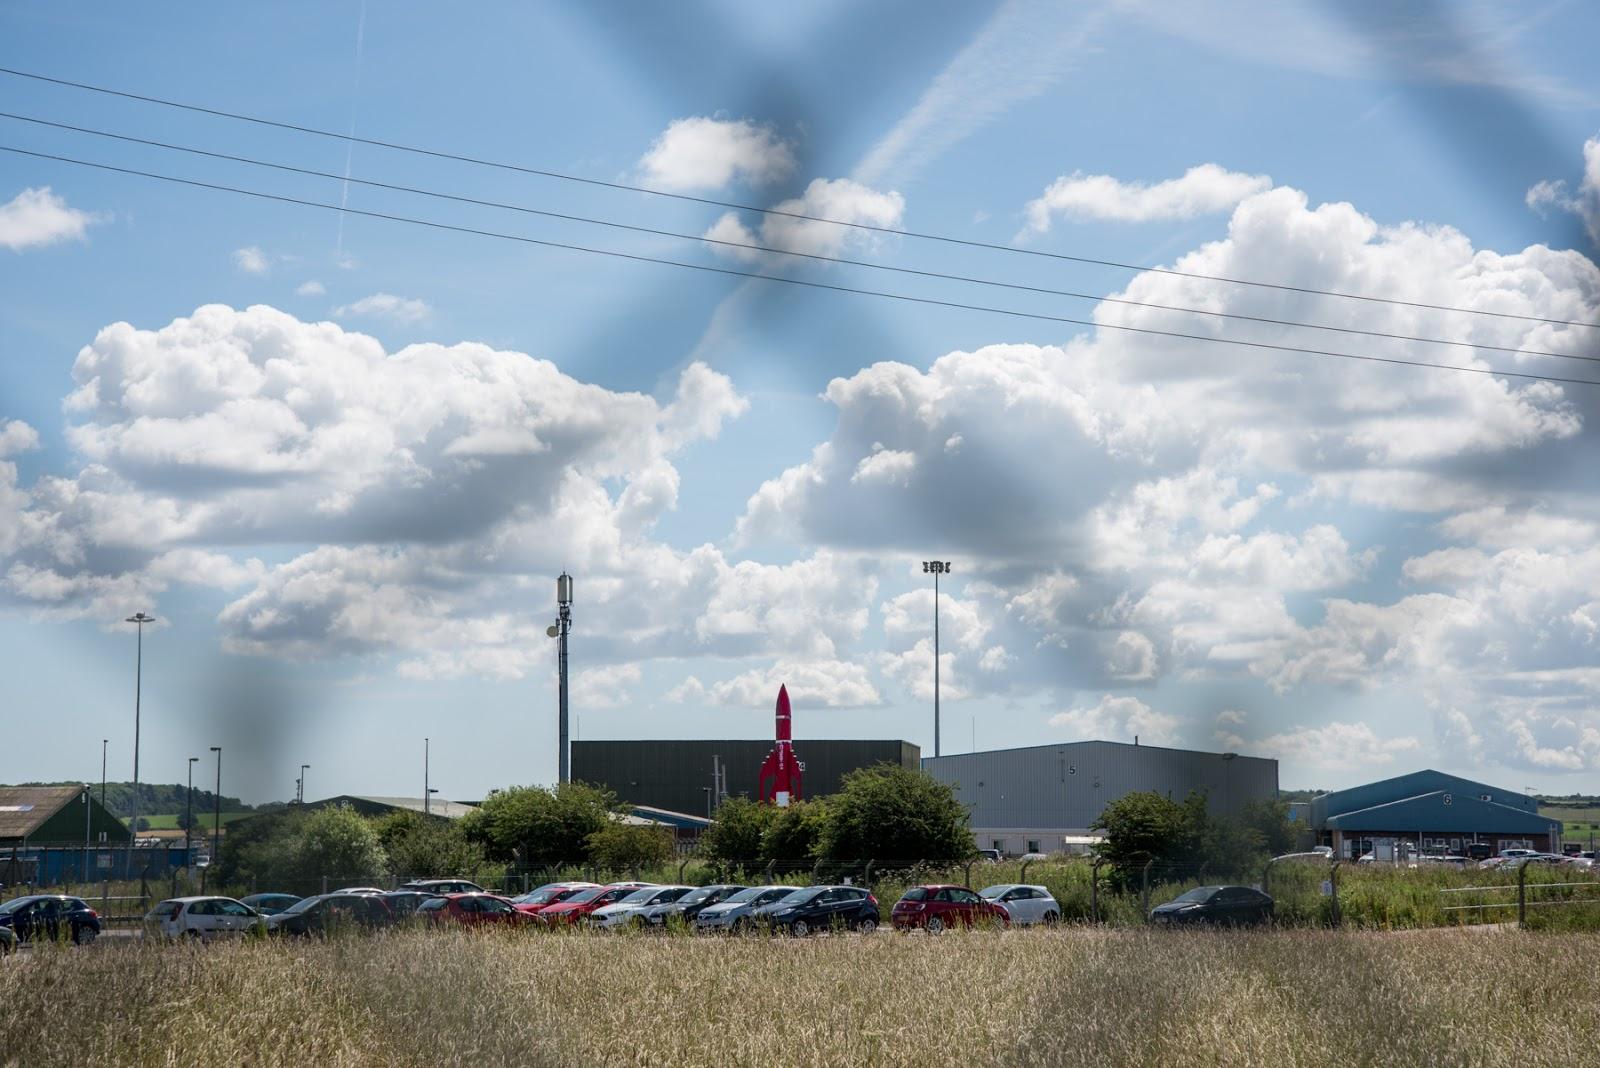 Thunderbird 4 - Humberside Airport